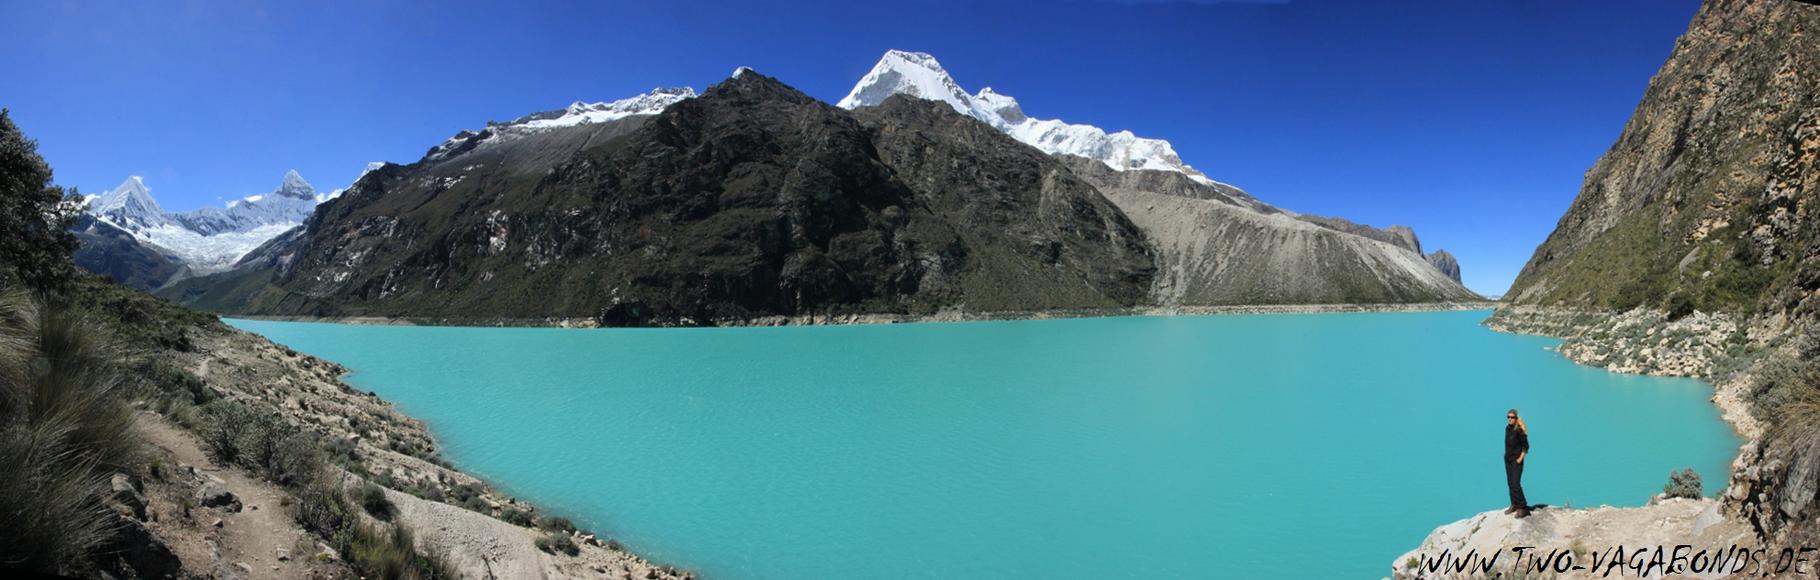 PERU 2015 - LAGUNA PARON